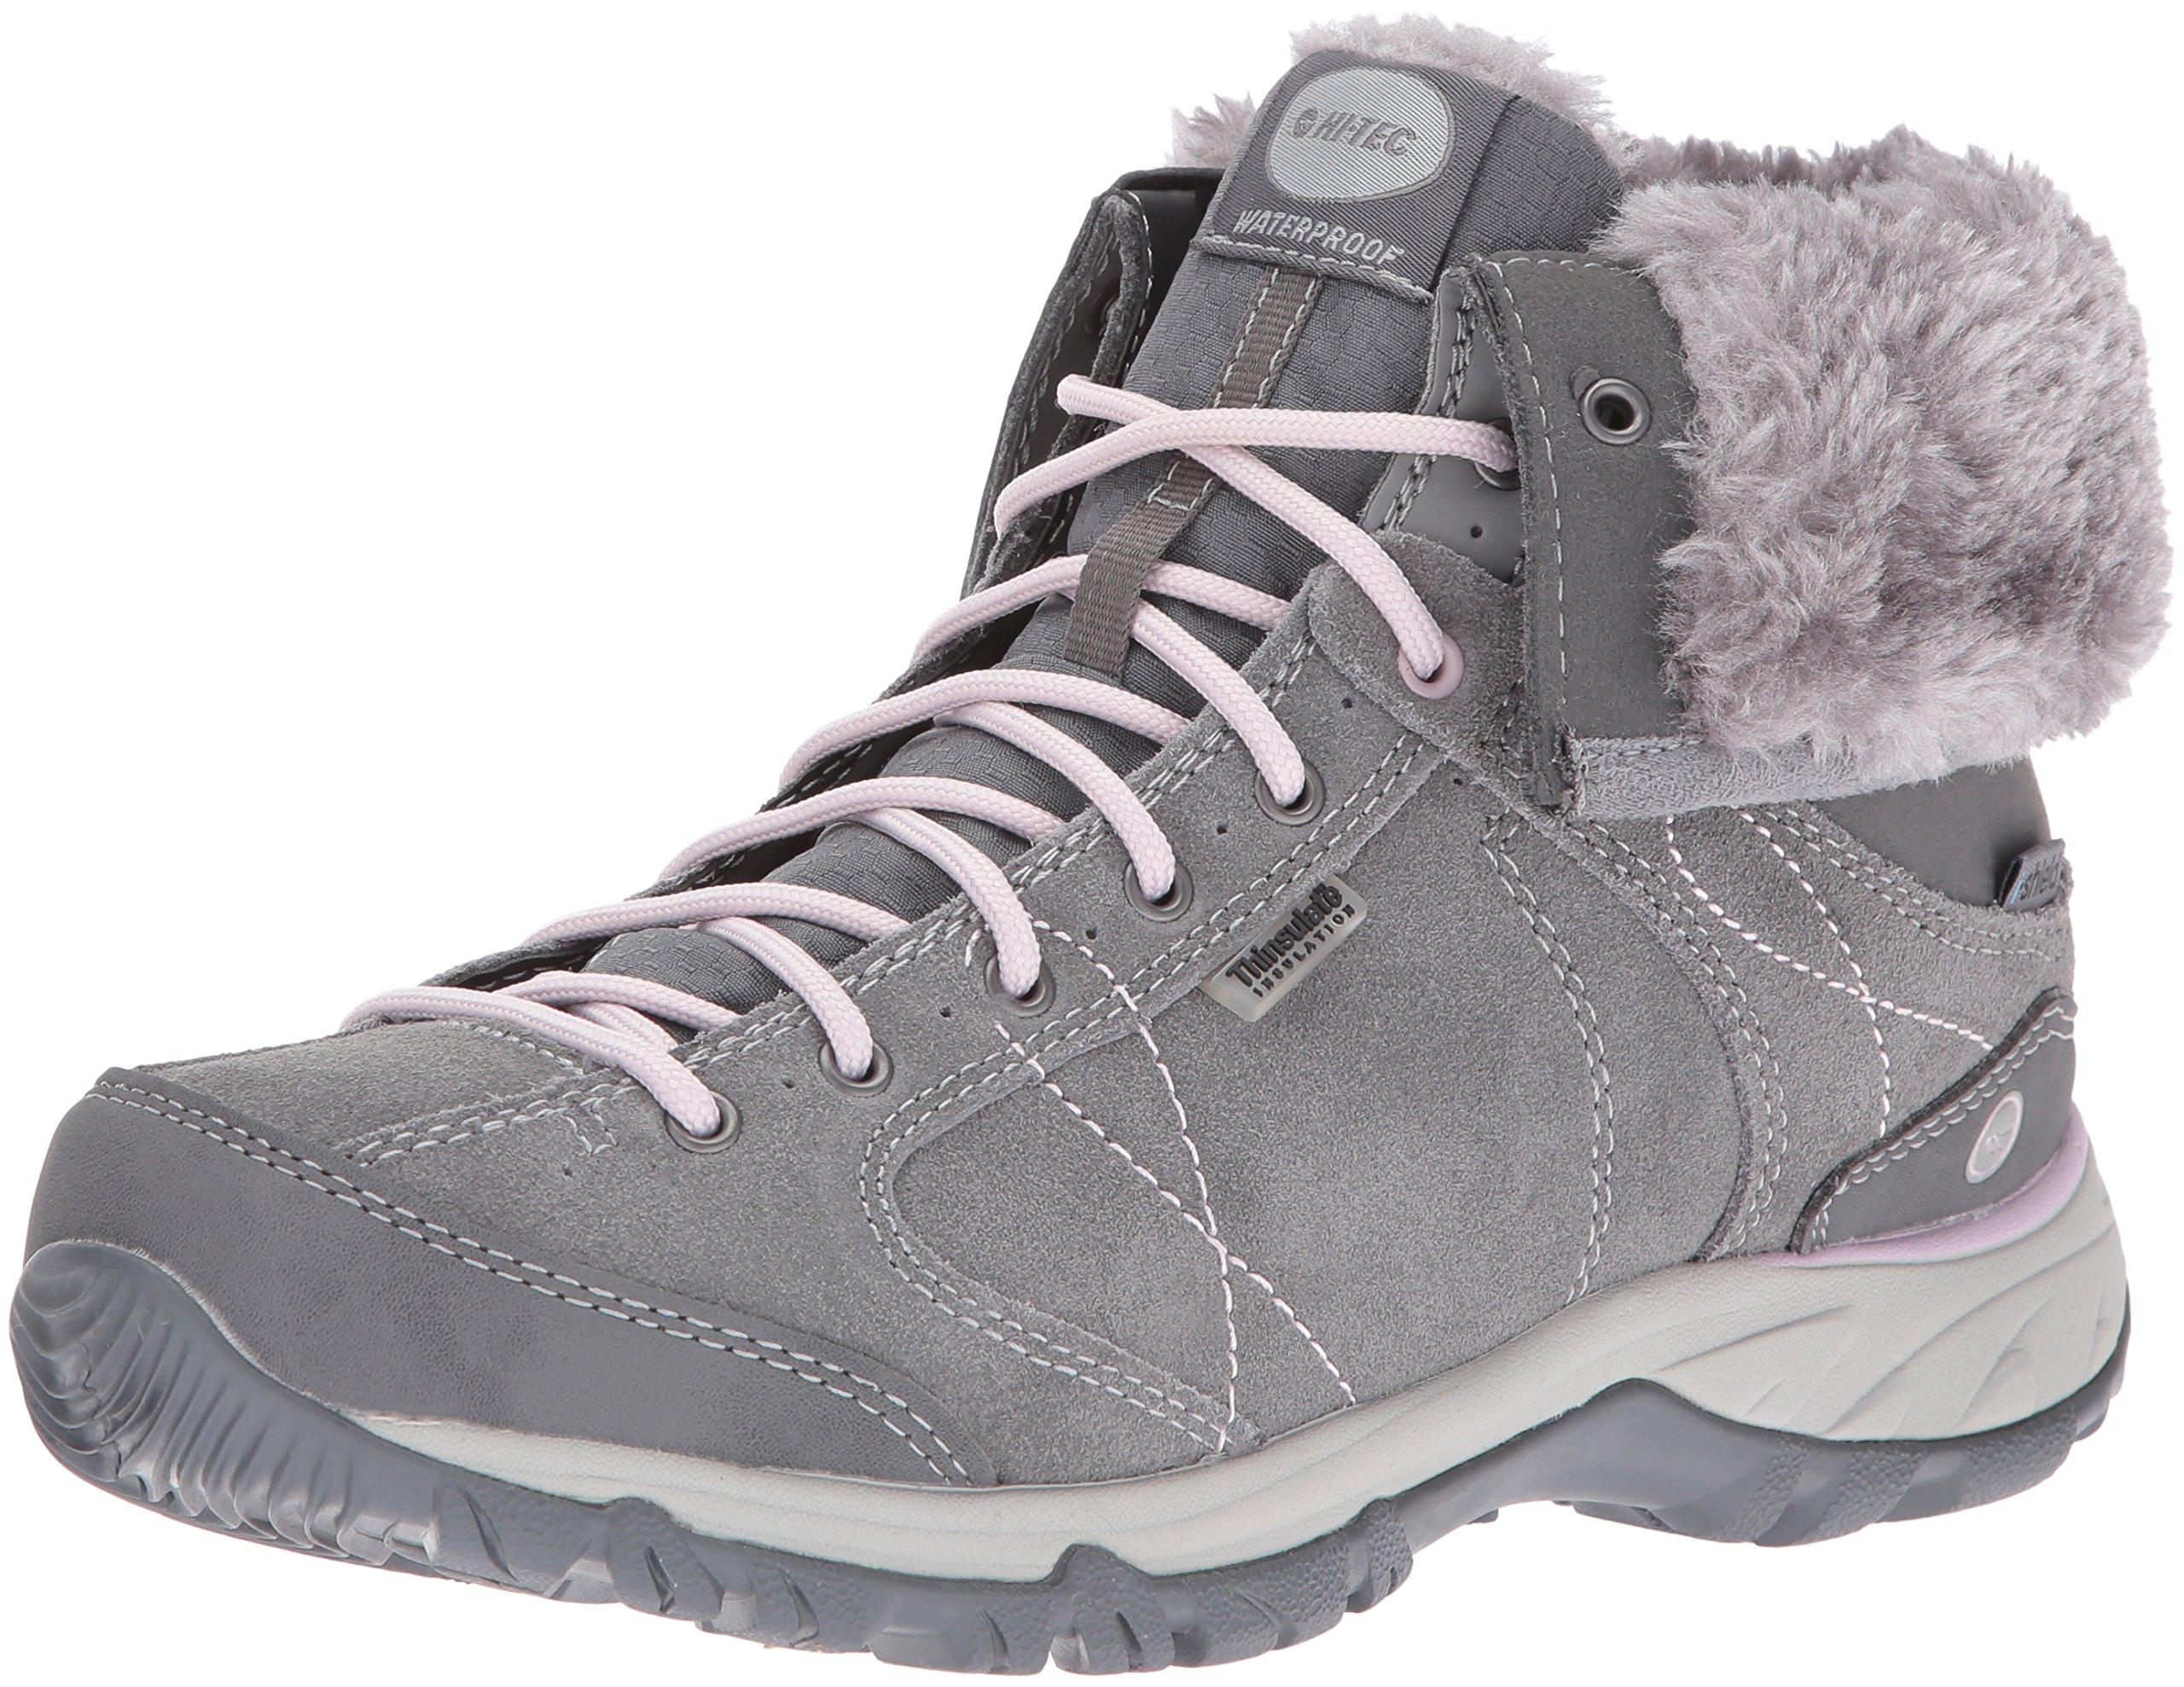 Hi-Tec Women's Equilibrio Bellini Snug i Waterproof-W Snow Sneaker, Cool Grey/Violet Ice, 11 M US